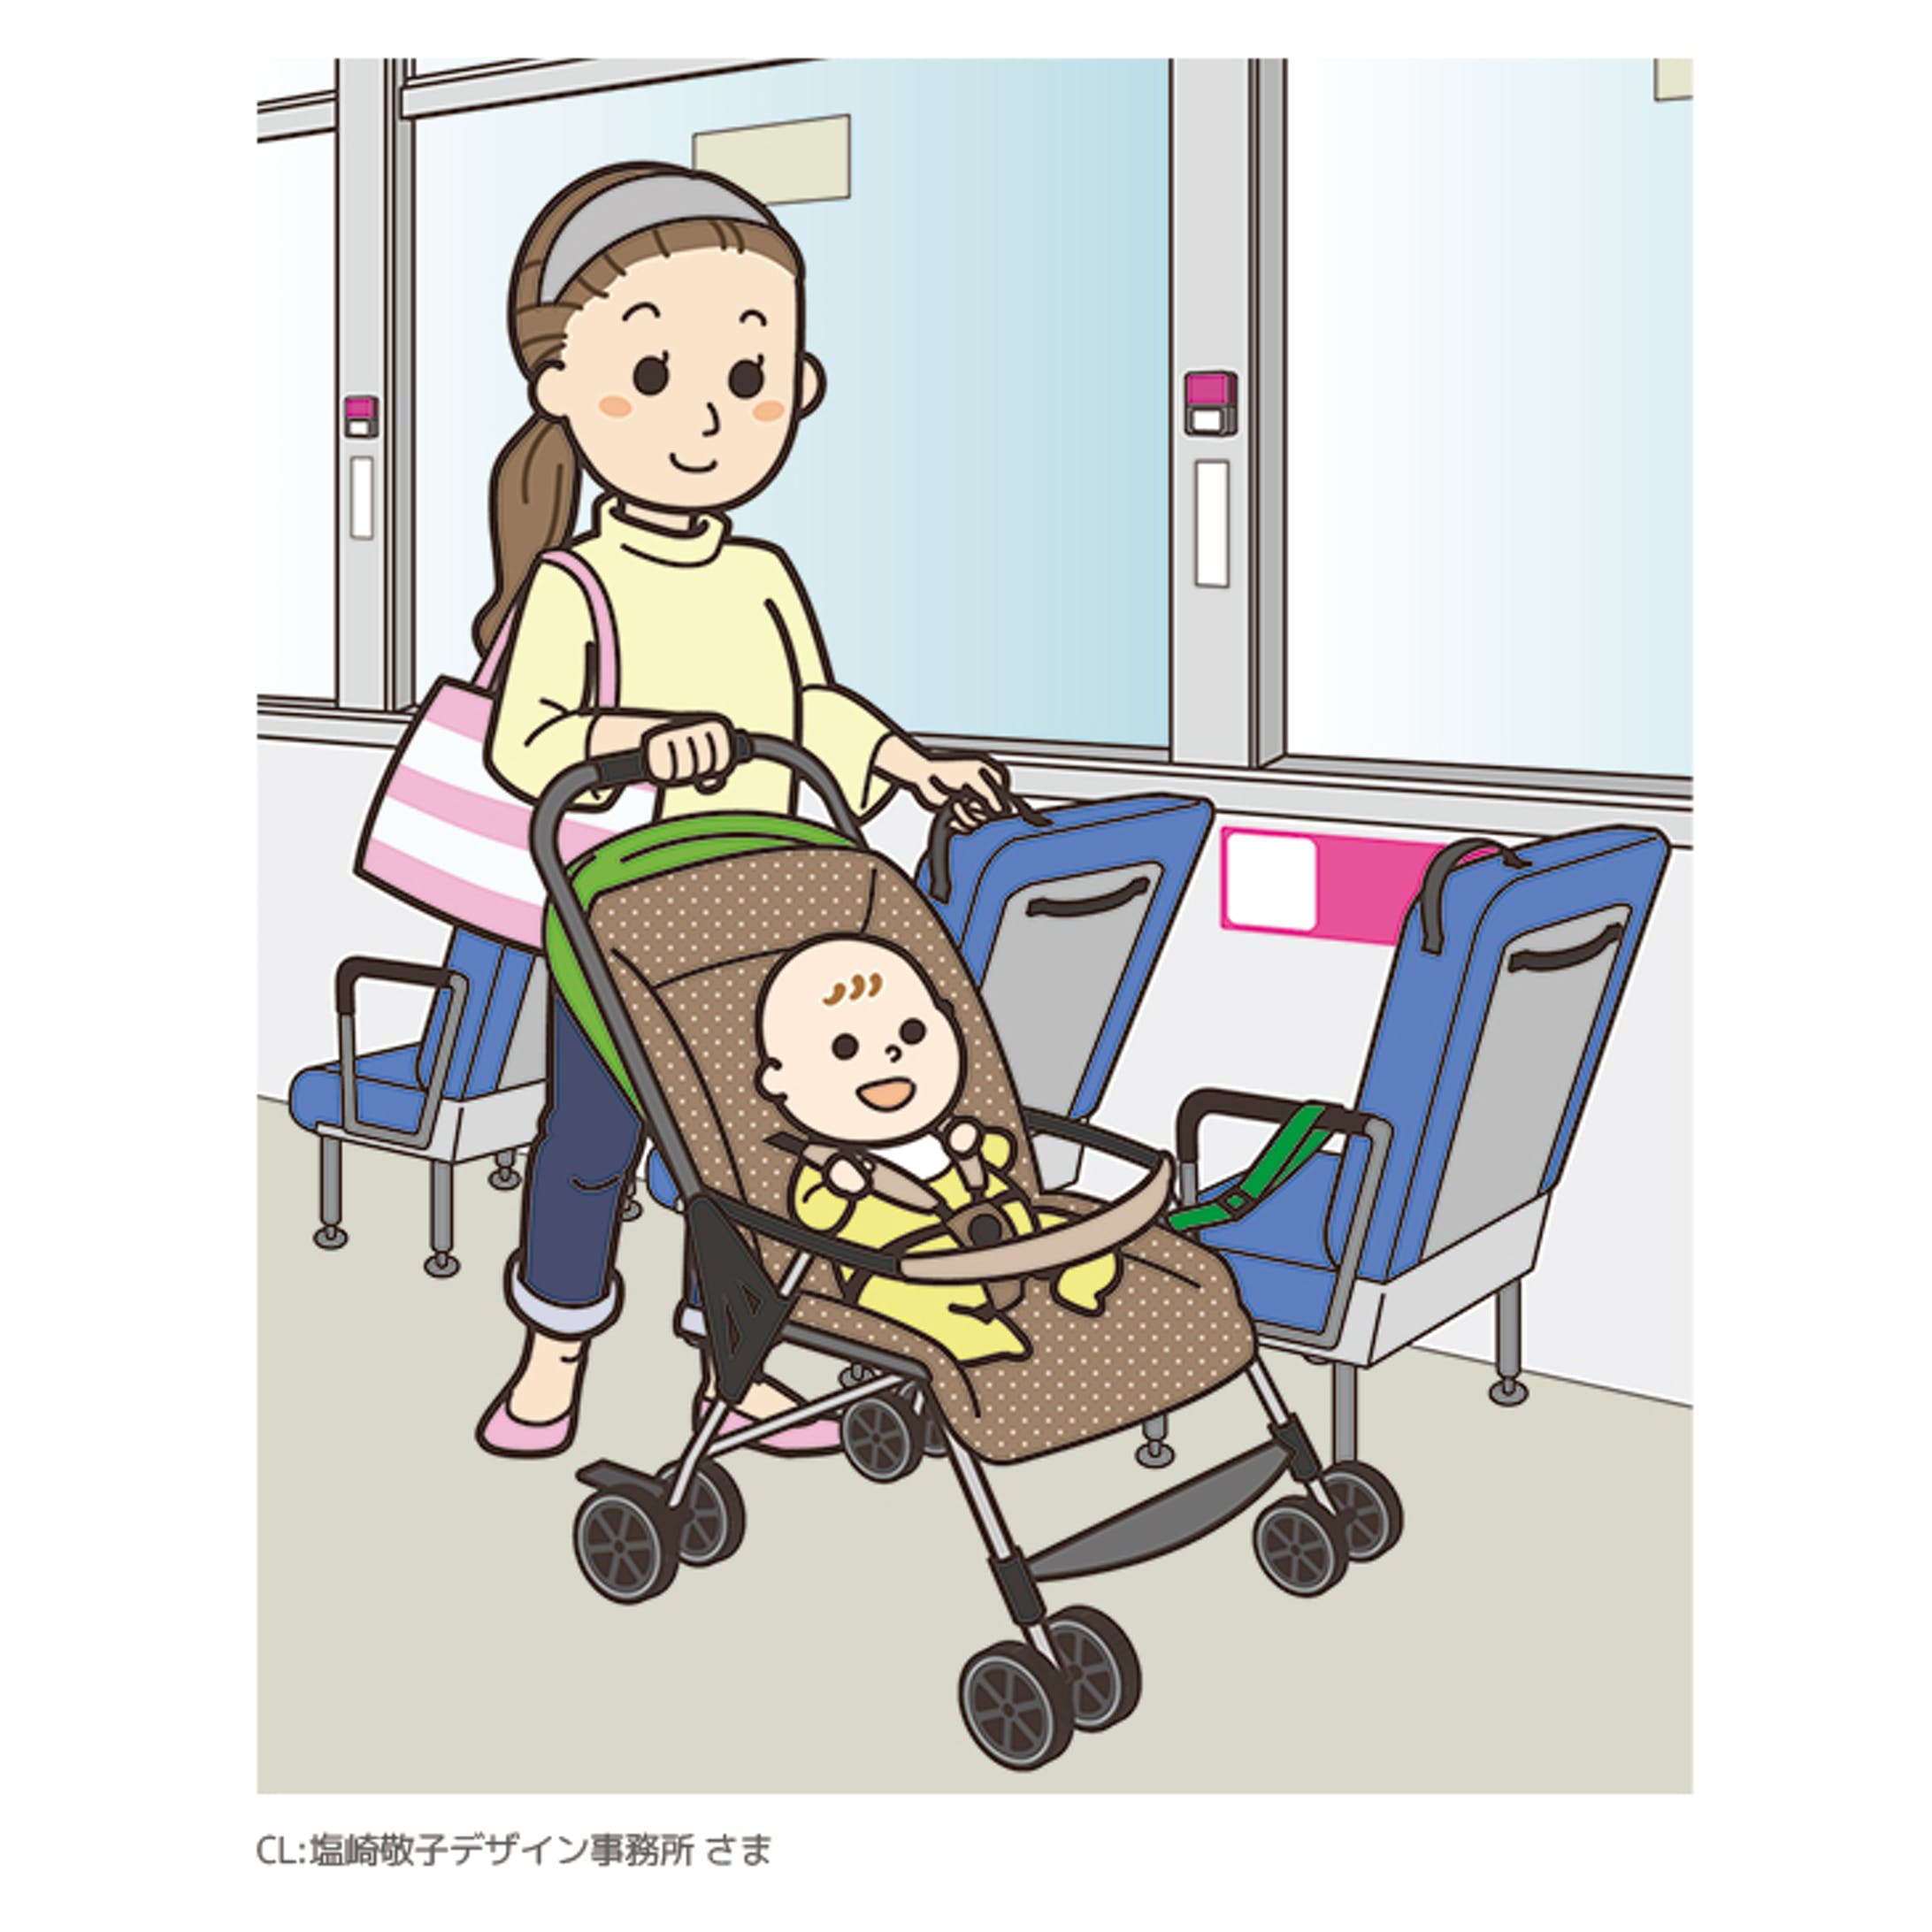 ベビーカーでバスに乗車する際の案内イラスト-1